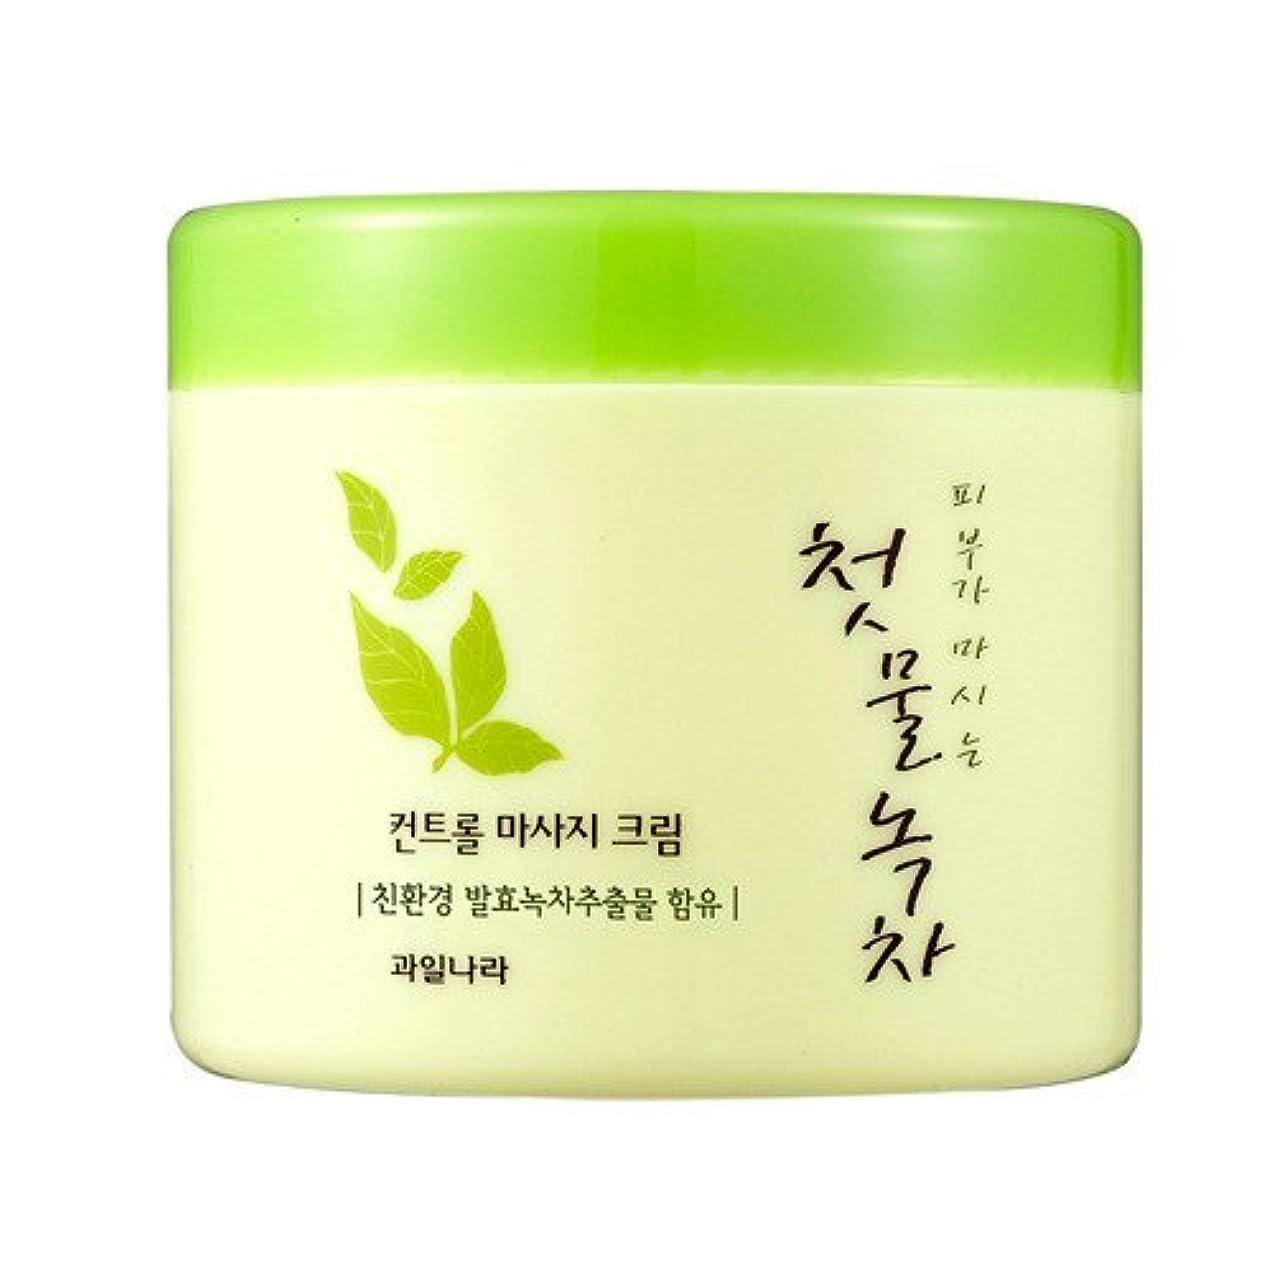 証人なぜなら美徳welcos[ウェルコス] コントロールマッサージクリーム300ml/First Green Tea Control Massage Cream 300ml [並行輸入品]